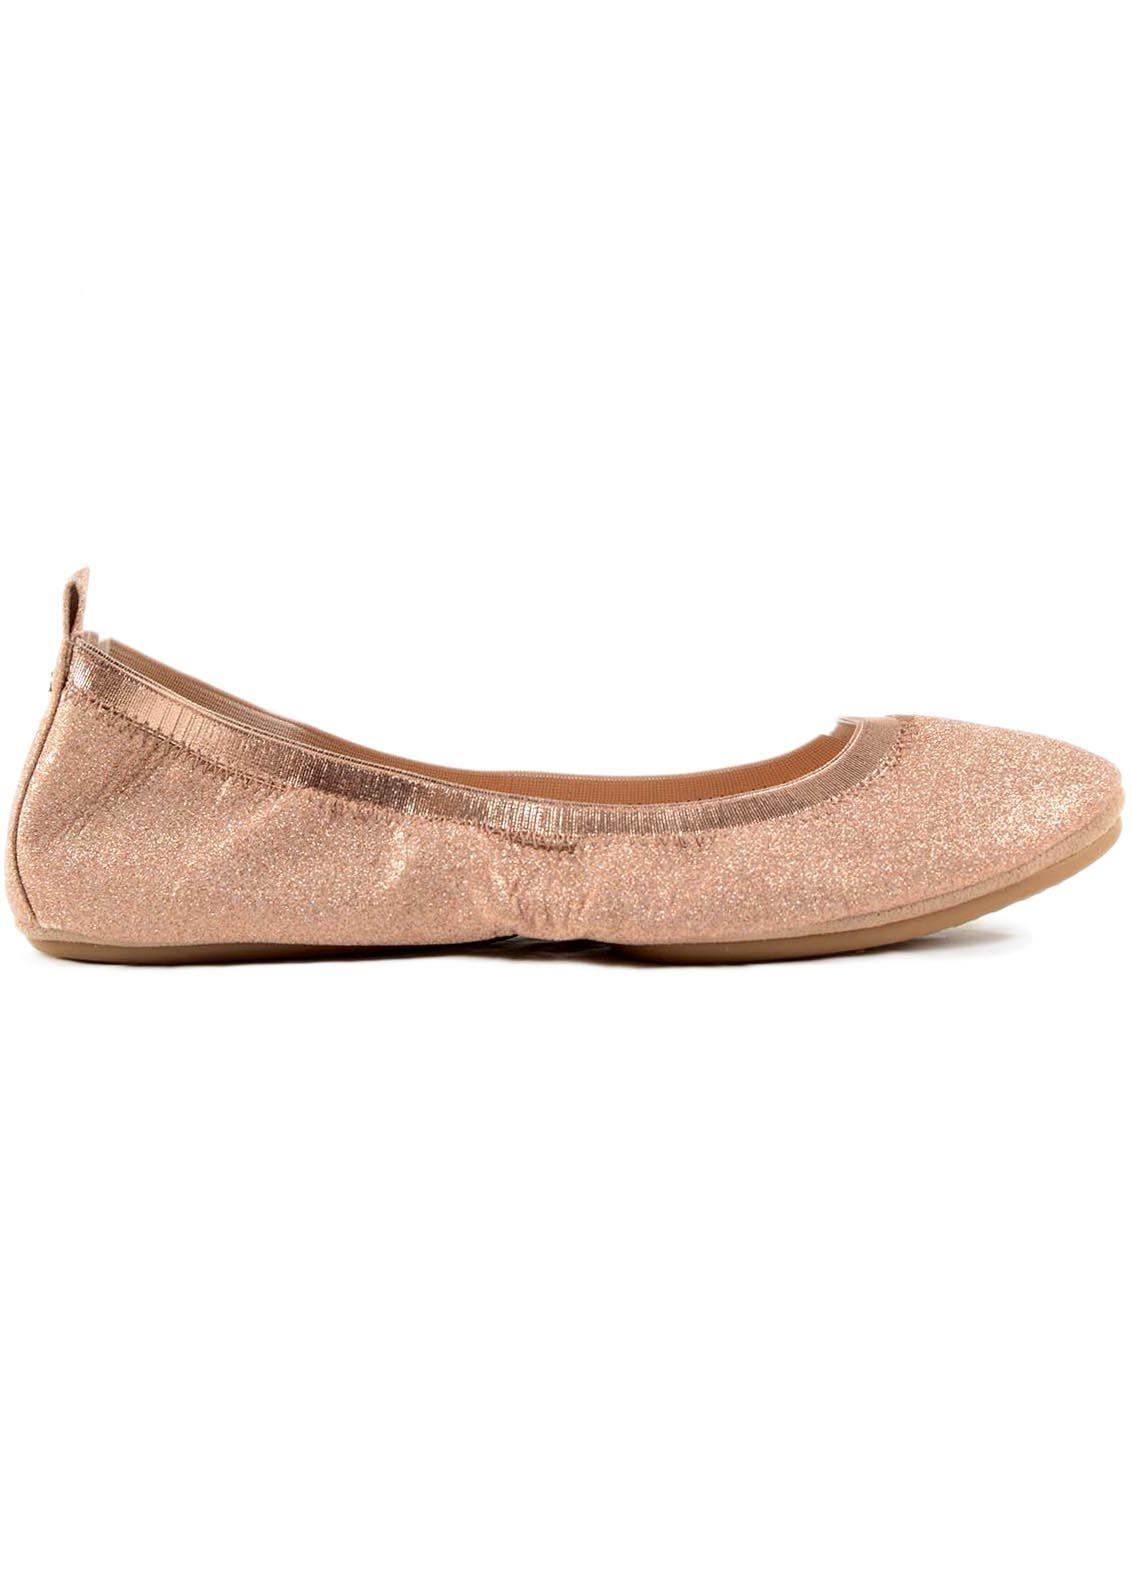 Yosi Samra Samara Sandpaper Glitter Ballerinas